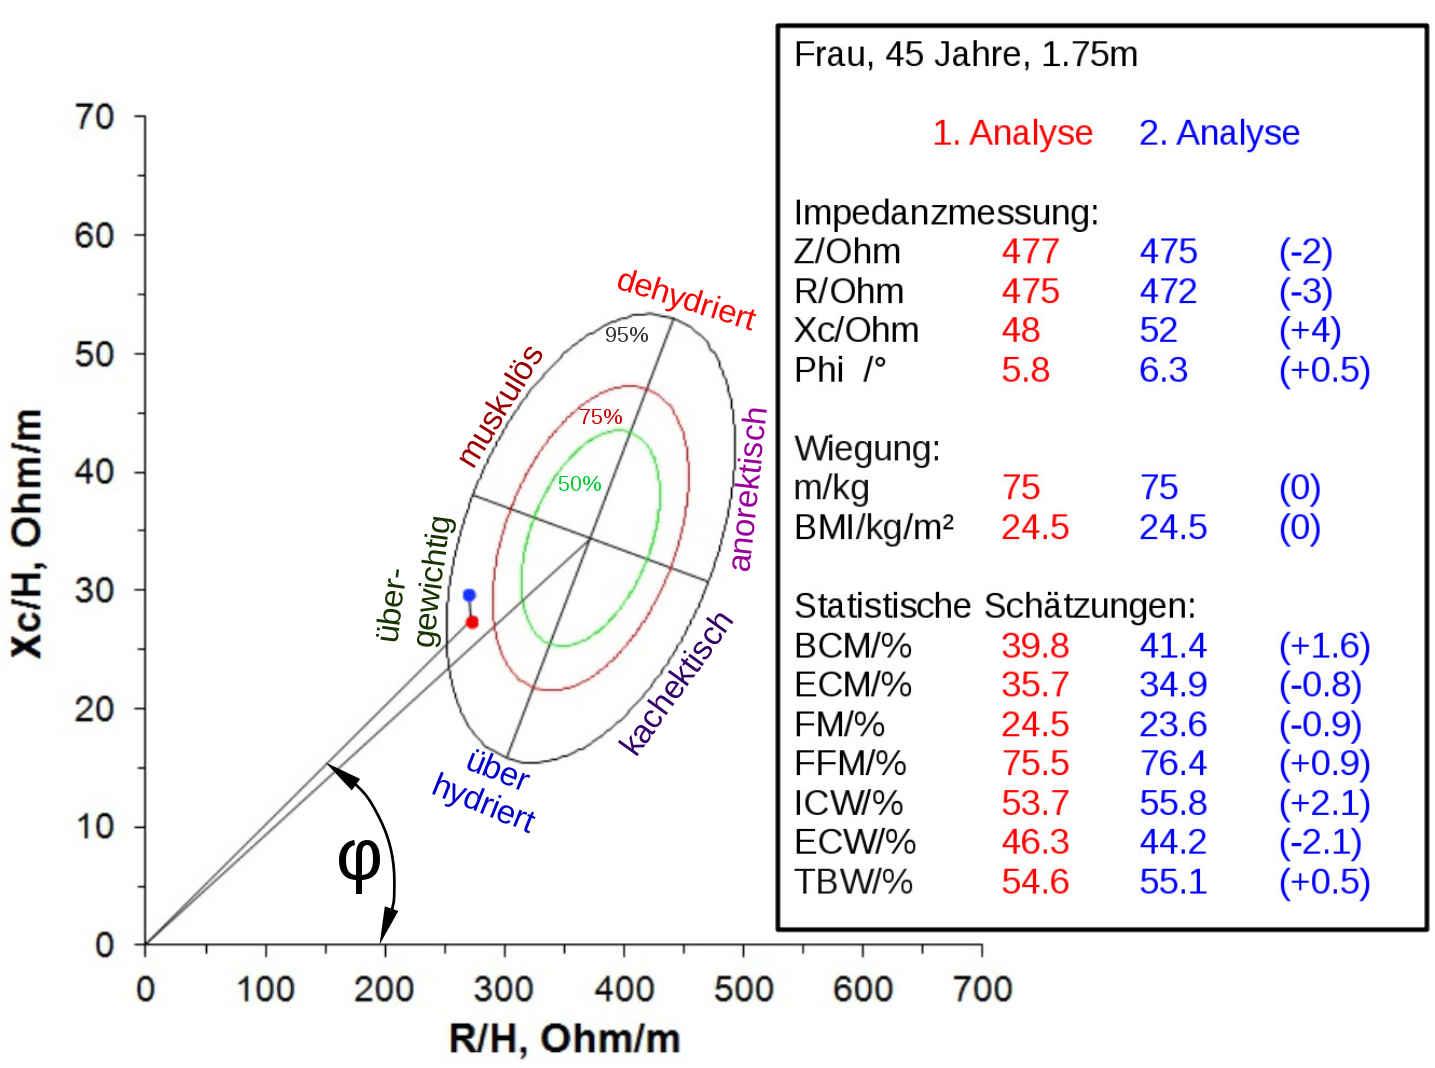 Bioimpedanzvektoranalyse-Diagramm mit Ergebnissen von 2 Körperanalysen